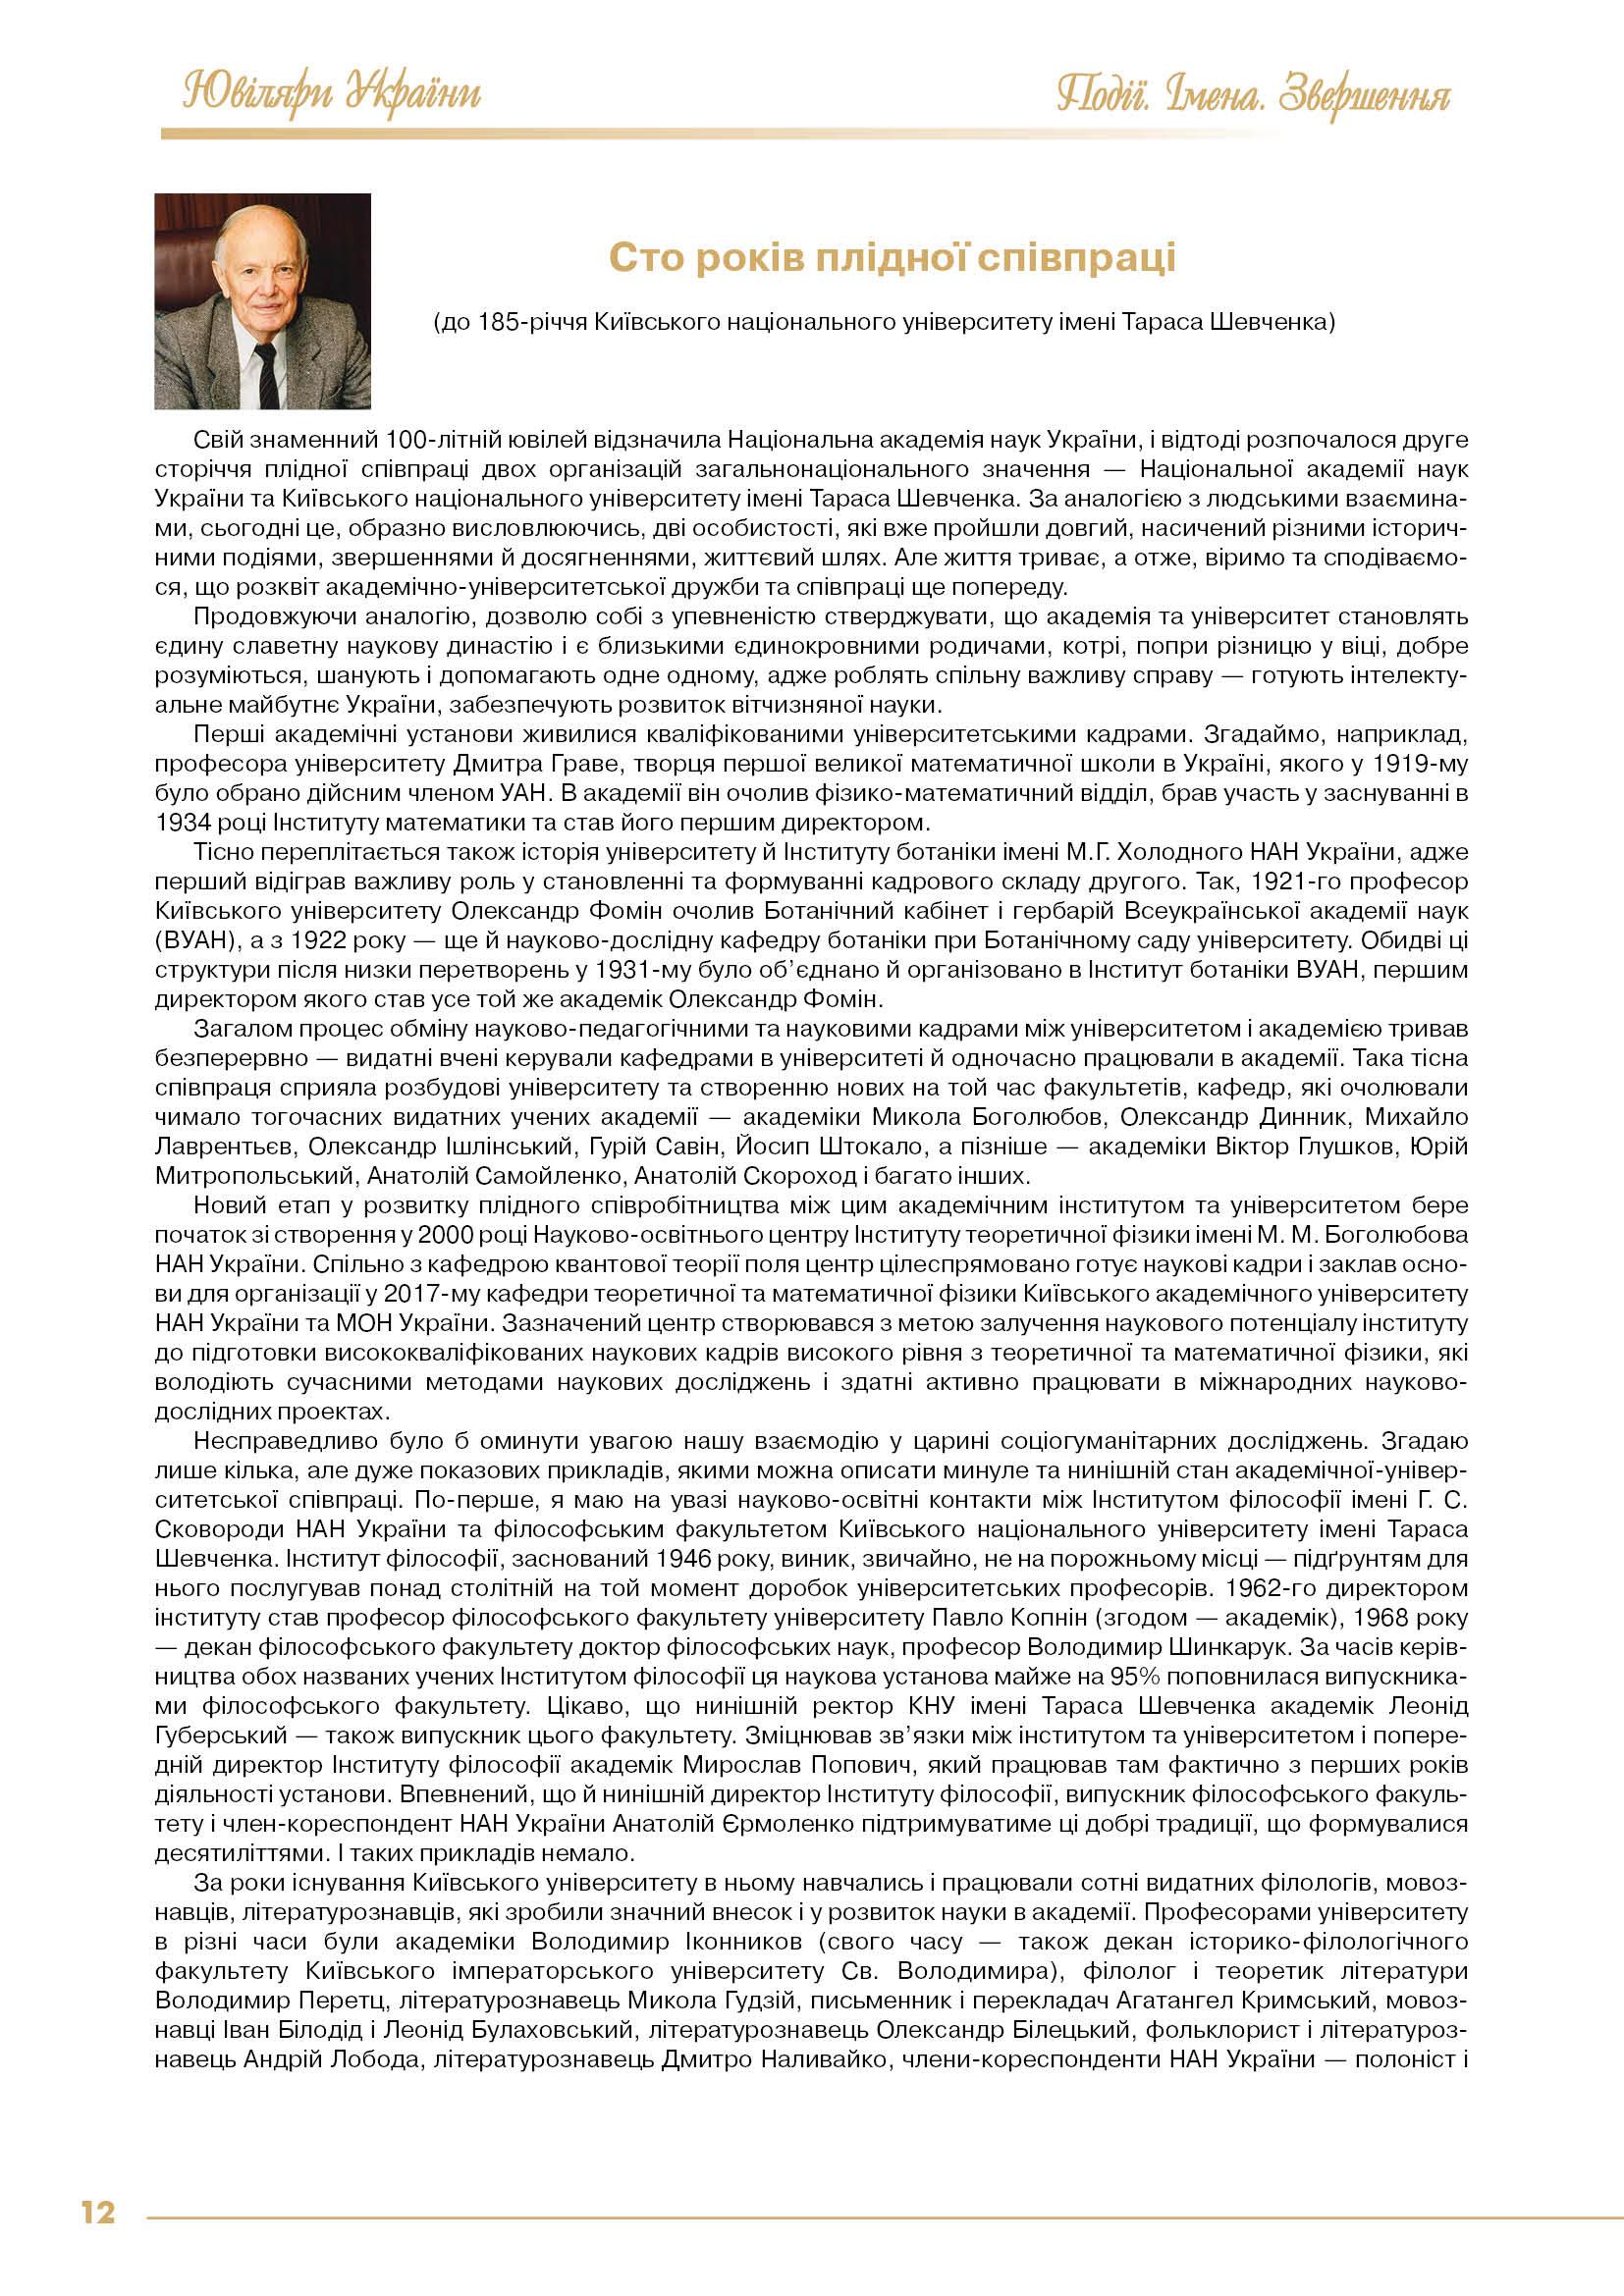 Сто років плідної співпраці - Борис Патон, Президент Національної академії наук України, академік.